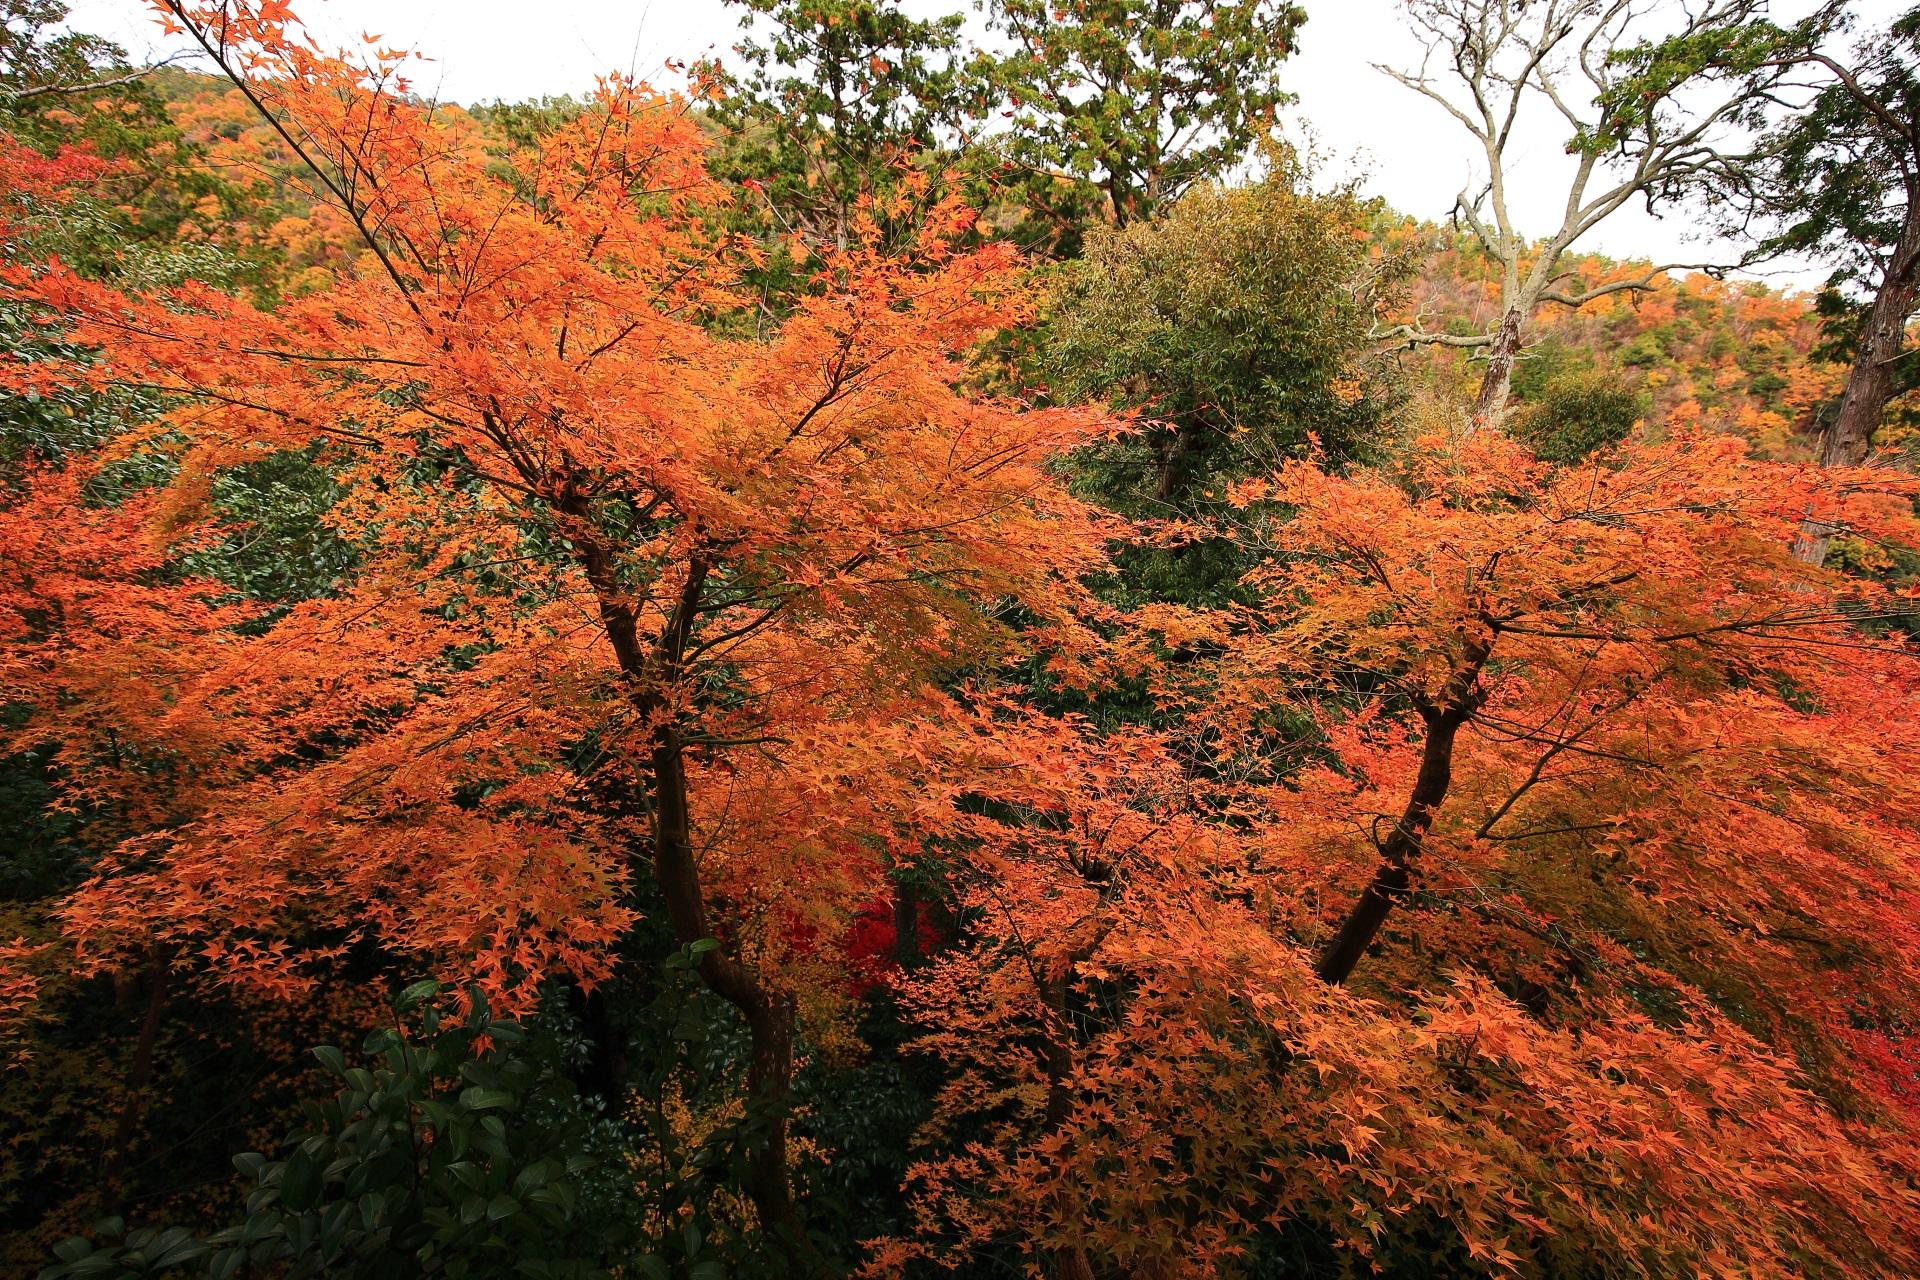 大悲閣千光寺の客殿正面に向かって左側のオレンジ系の煌びやかな紅葉